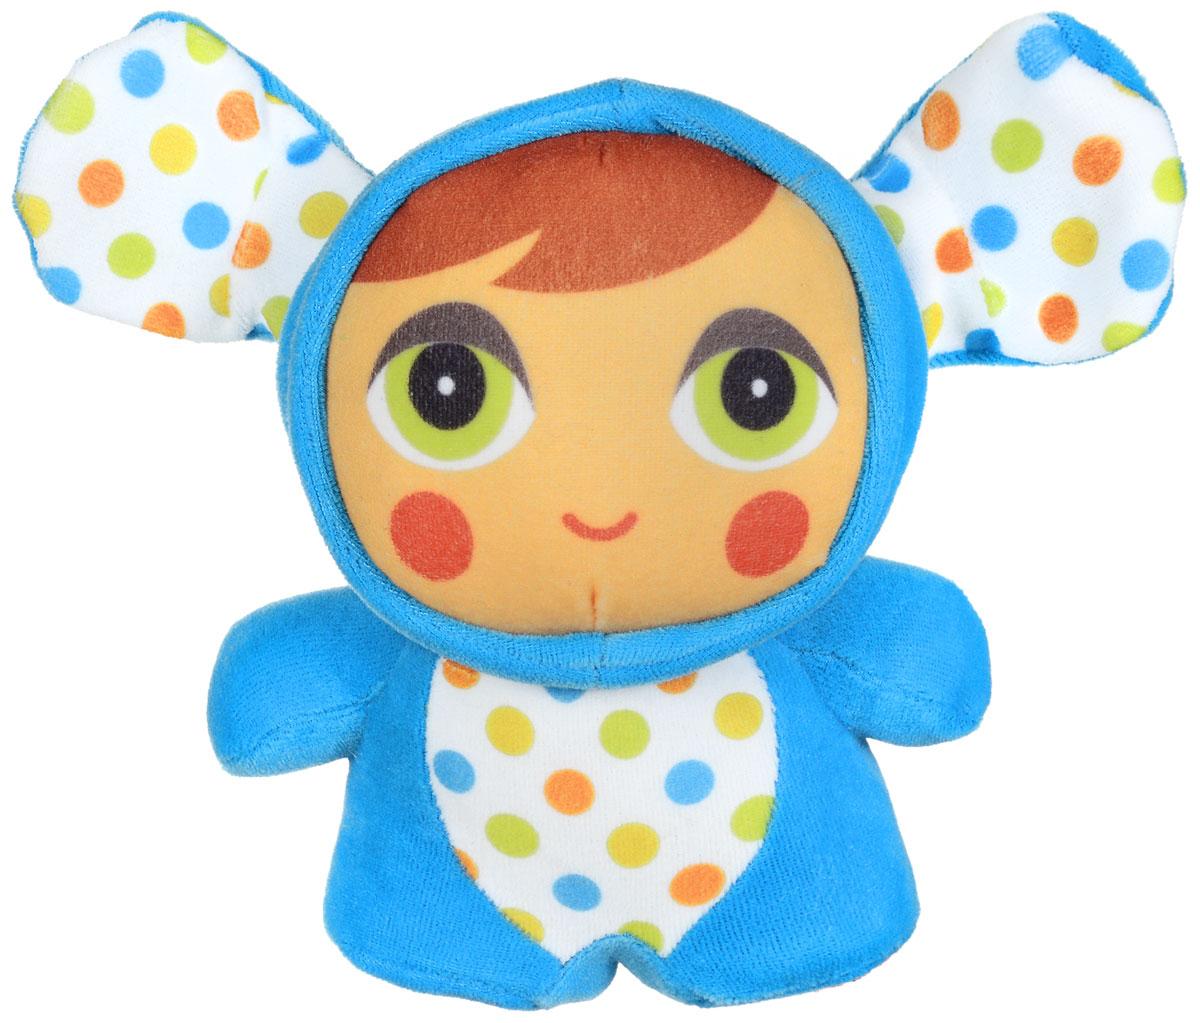 Mommy Love Развивающая игрушка Глазки в глазки цвет голубой